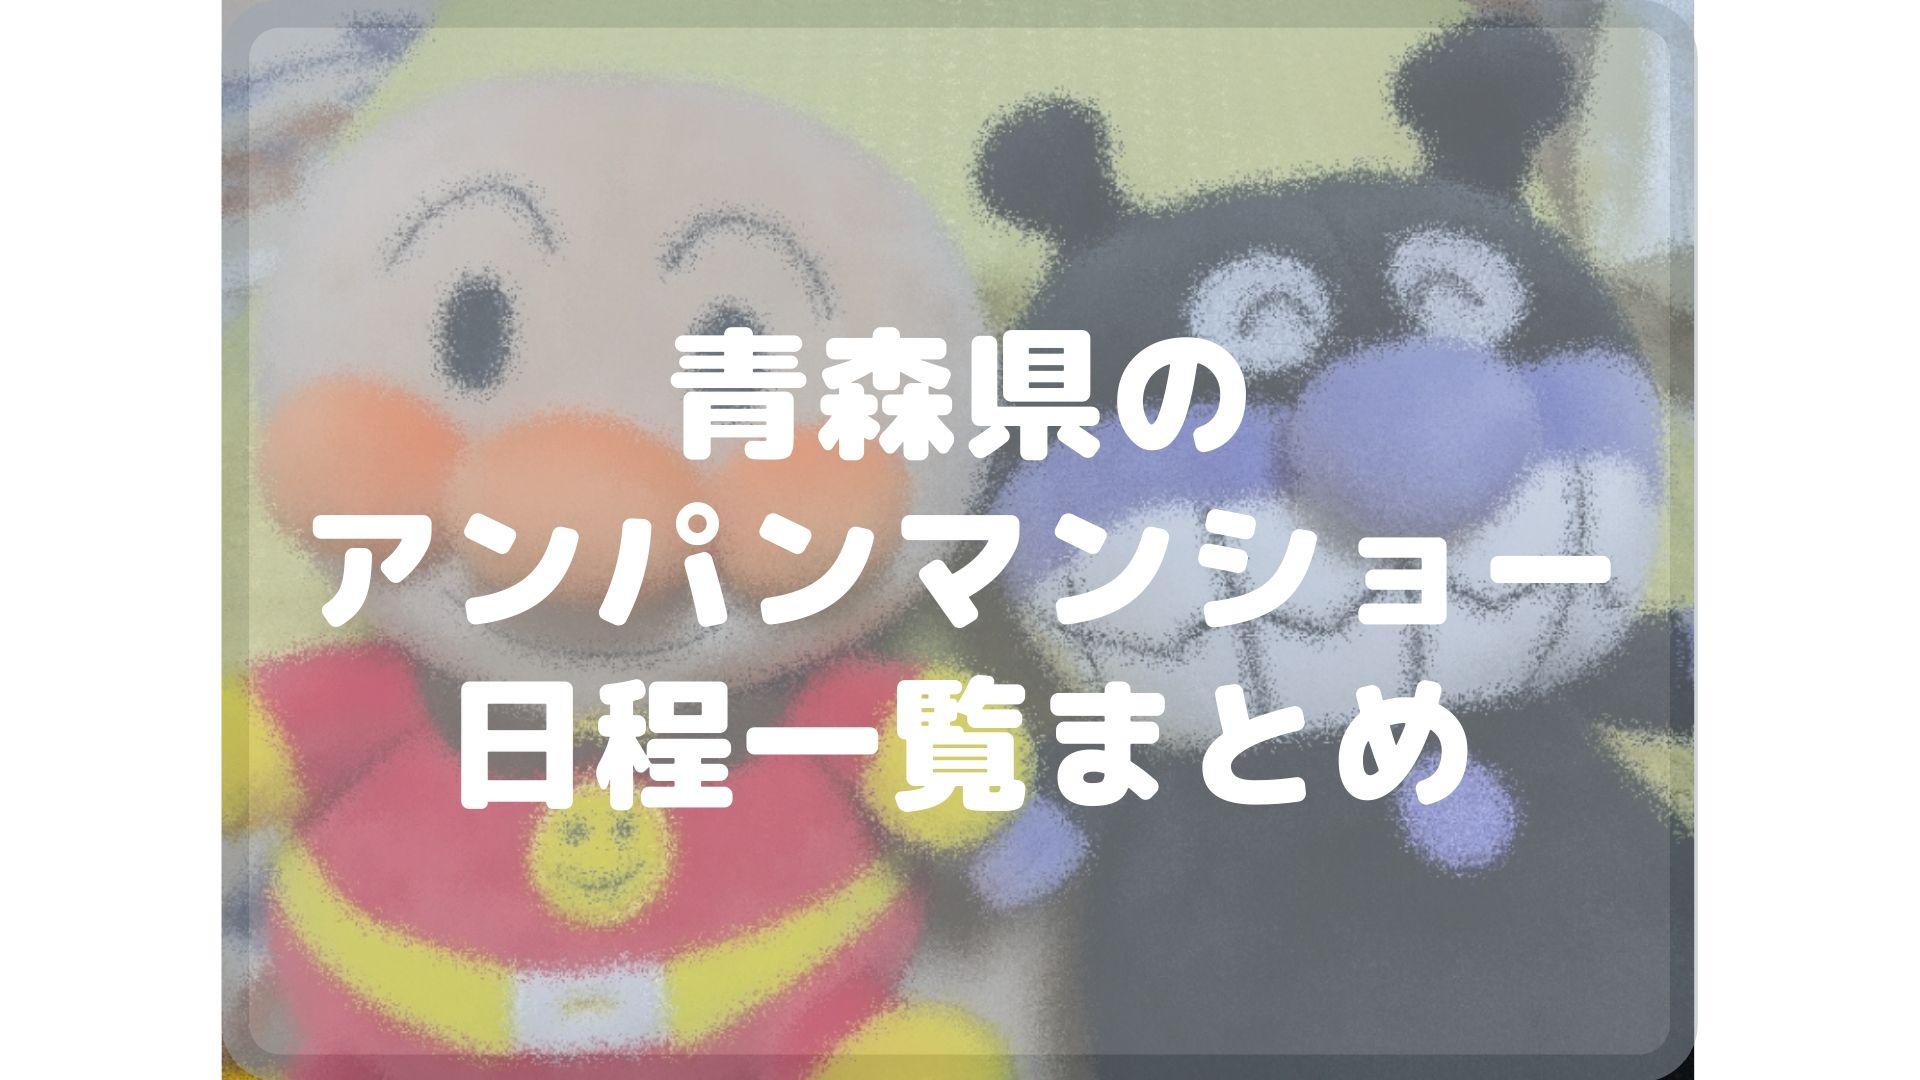 青森県のアンパンマンショーまとめタイトル画像